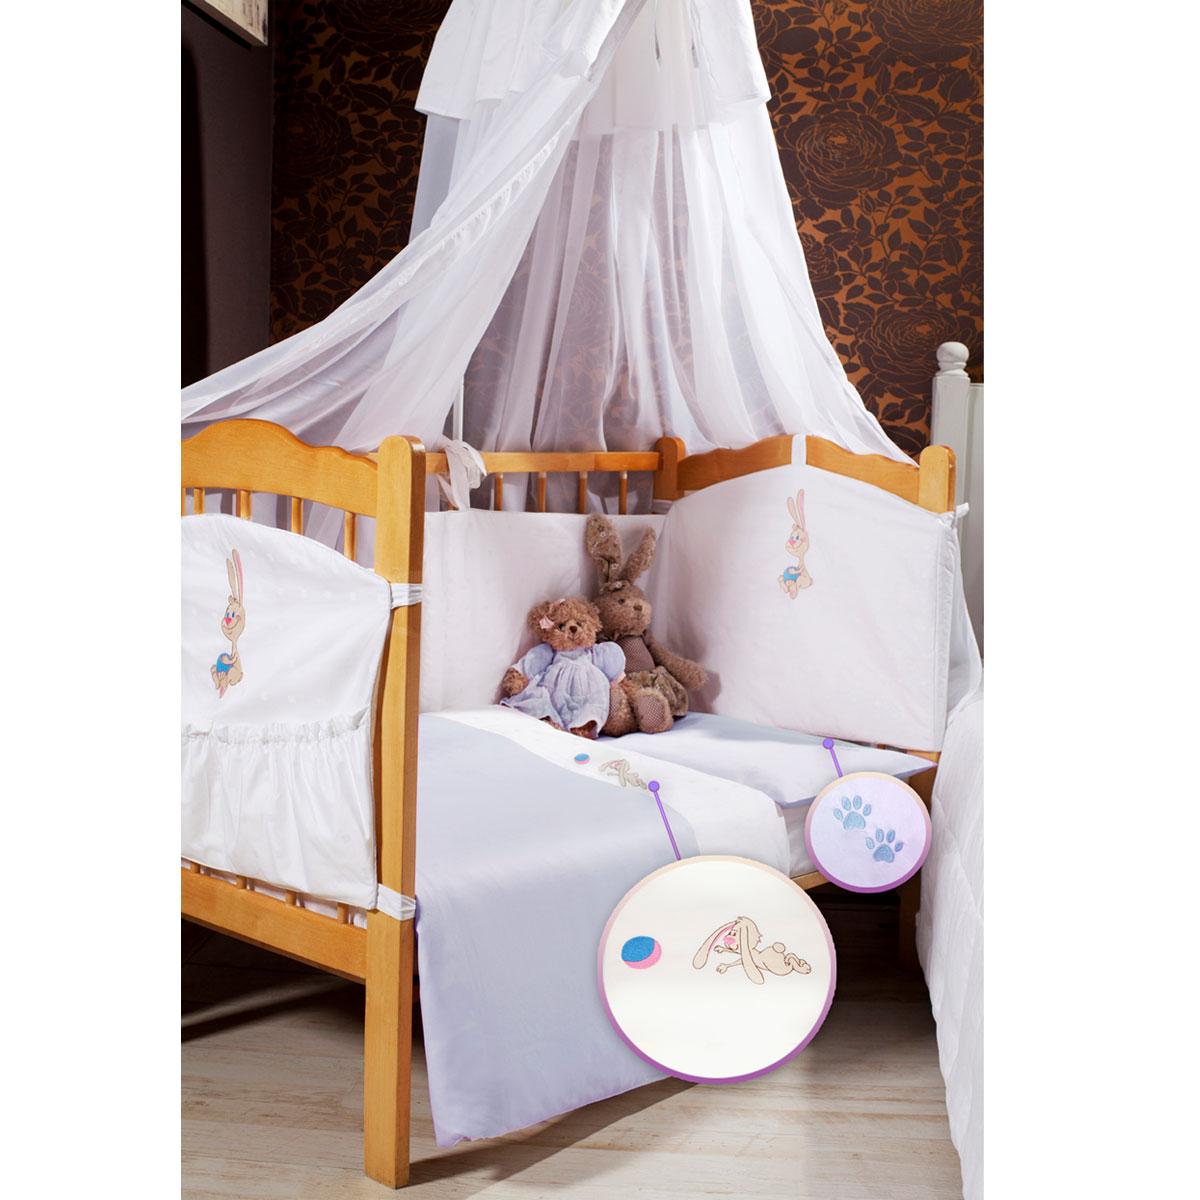 Детское постельное белье Primavelle Lovely Baby (ясельный спальный КПБ, хлопок, наволочка 42х62), цвет: голубой115124231-4818вДетское постельное белье Primavelle Lovely Baby прекрасно подойдет для вашего малыша. Текстиль произведен из 100% хлопка. При нанесении рисунка используются безопасные натуральные красители, не вызывающие аллергии. Гладкая структура делает ткань приятной на ощупь, она прочная и хорошо сохраняет форму, мало мнется и устойчива к частым стиркам. Комплект состоит из наволочки, простыни на резинке и пододеяльника. Яркий рисунок непременно понравится вашему ребенку.В комплект входят: Пододеяльник - 1 шт. Размер: 145 см х 115 см. Простыня - 1 шт. Размер: 120 см х 60 см. Наволочка - 1 шт. Размер: 42 см х 62 см.